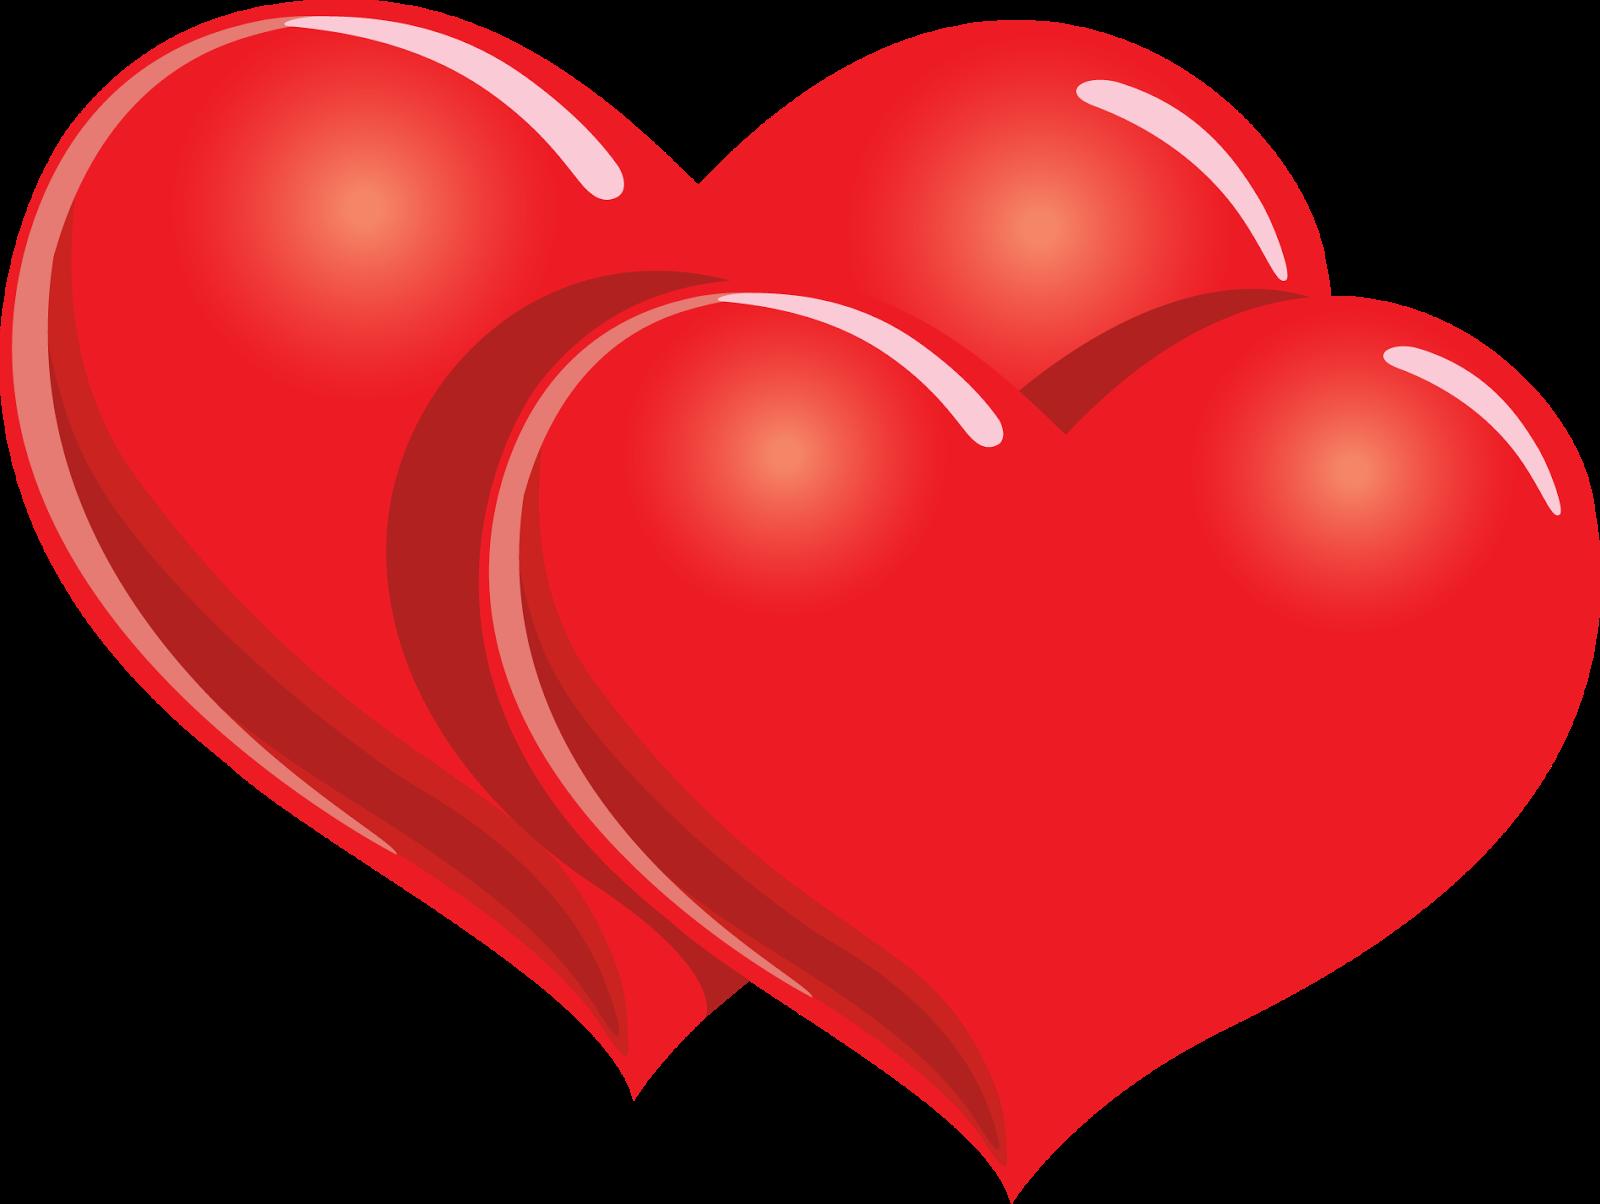 Hearts Photo - Hearts PNG HD